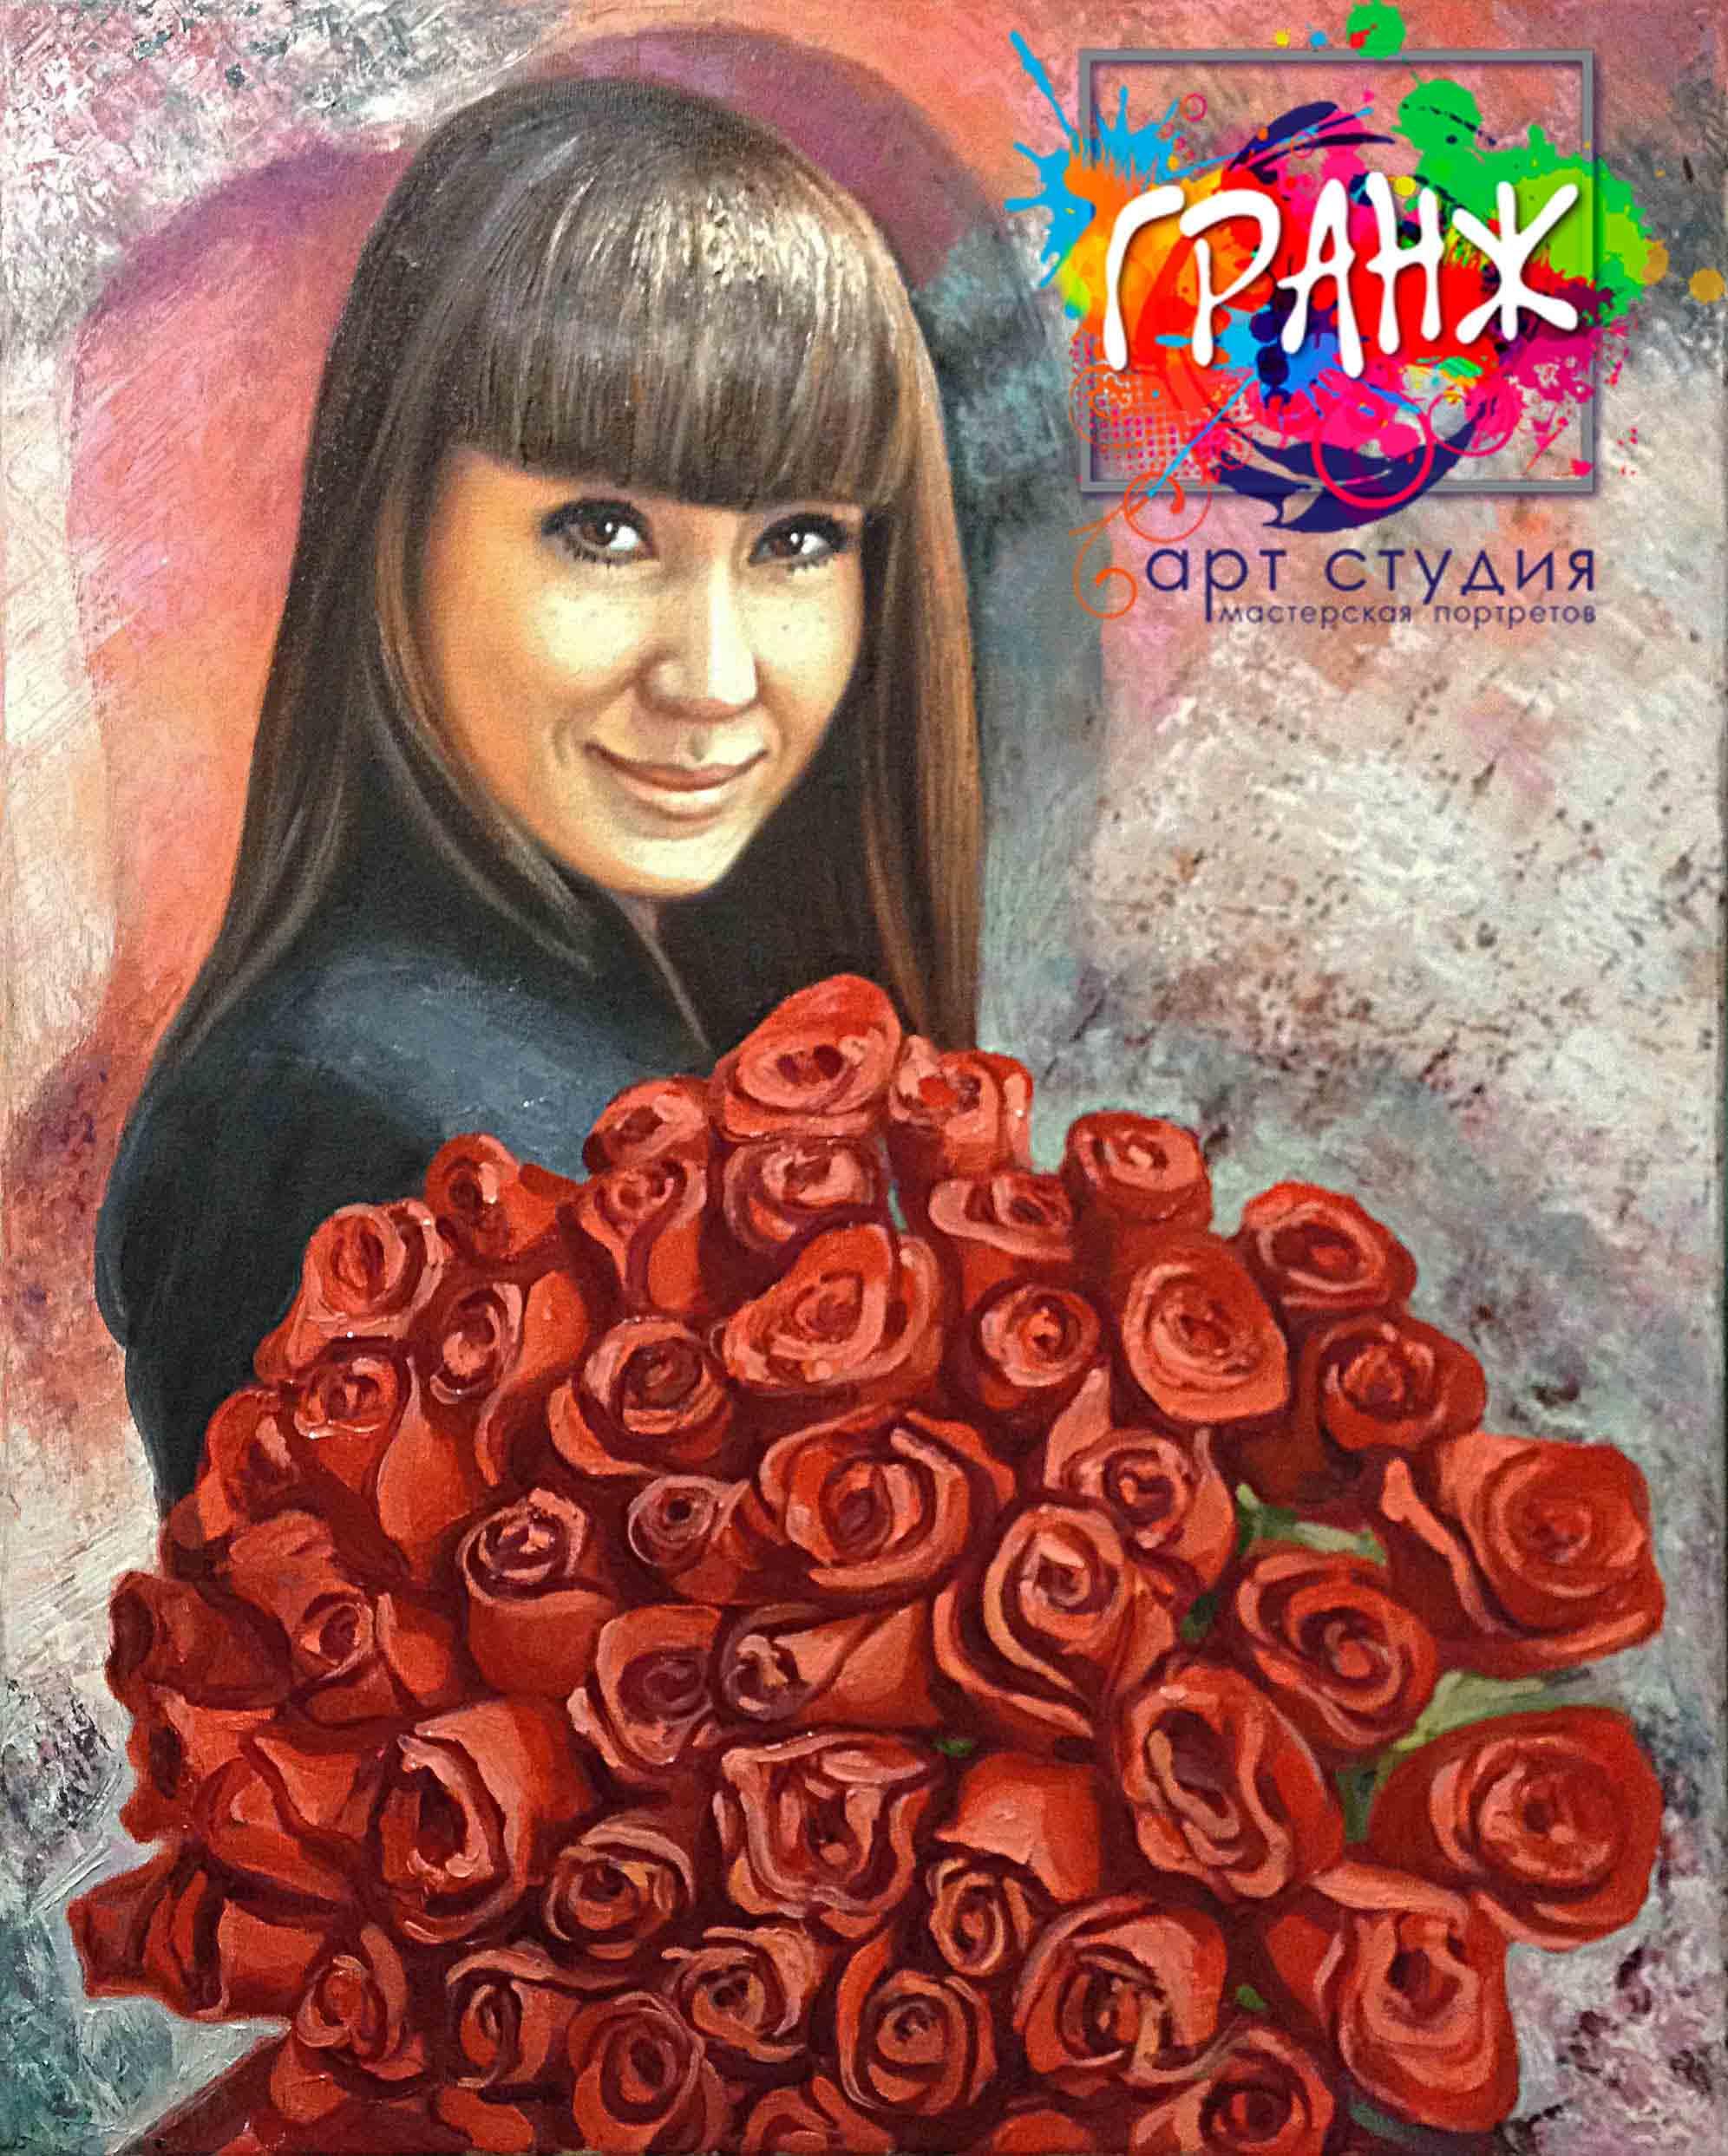 Заказать портрет маслом по фотографии в Новокузнецке